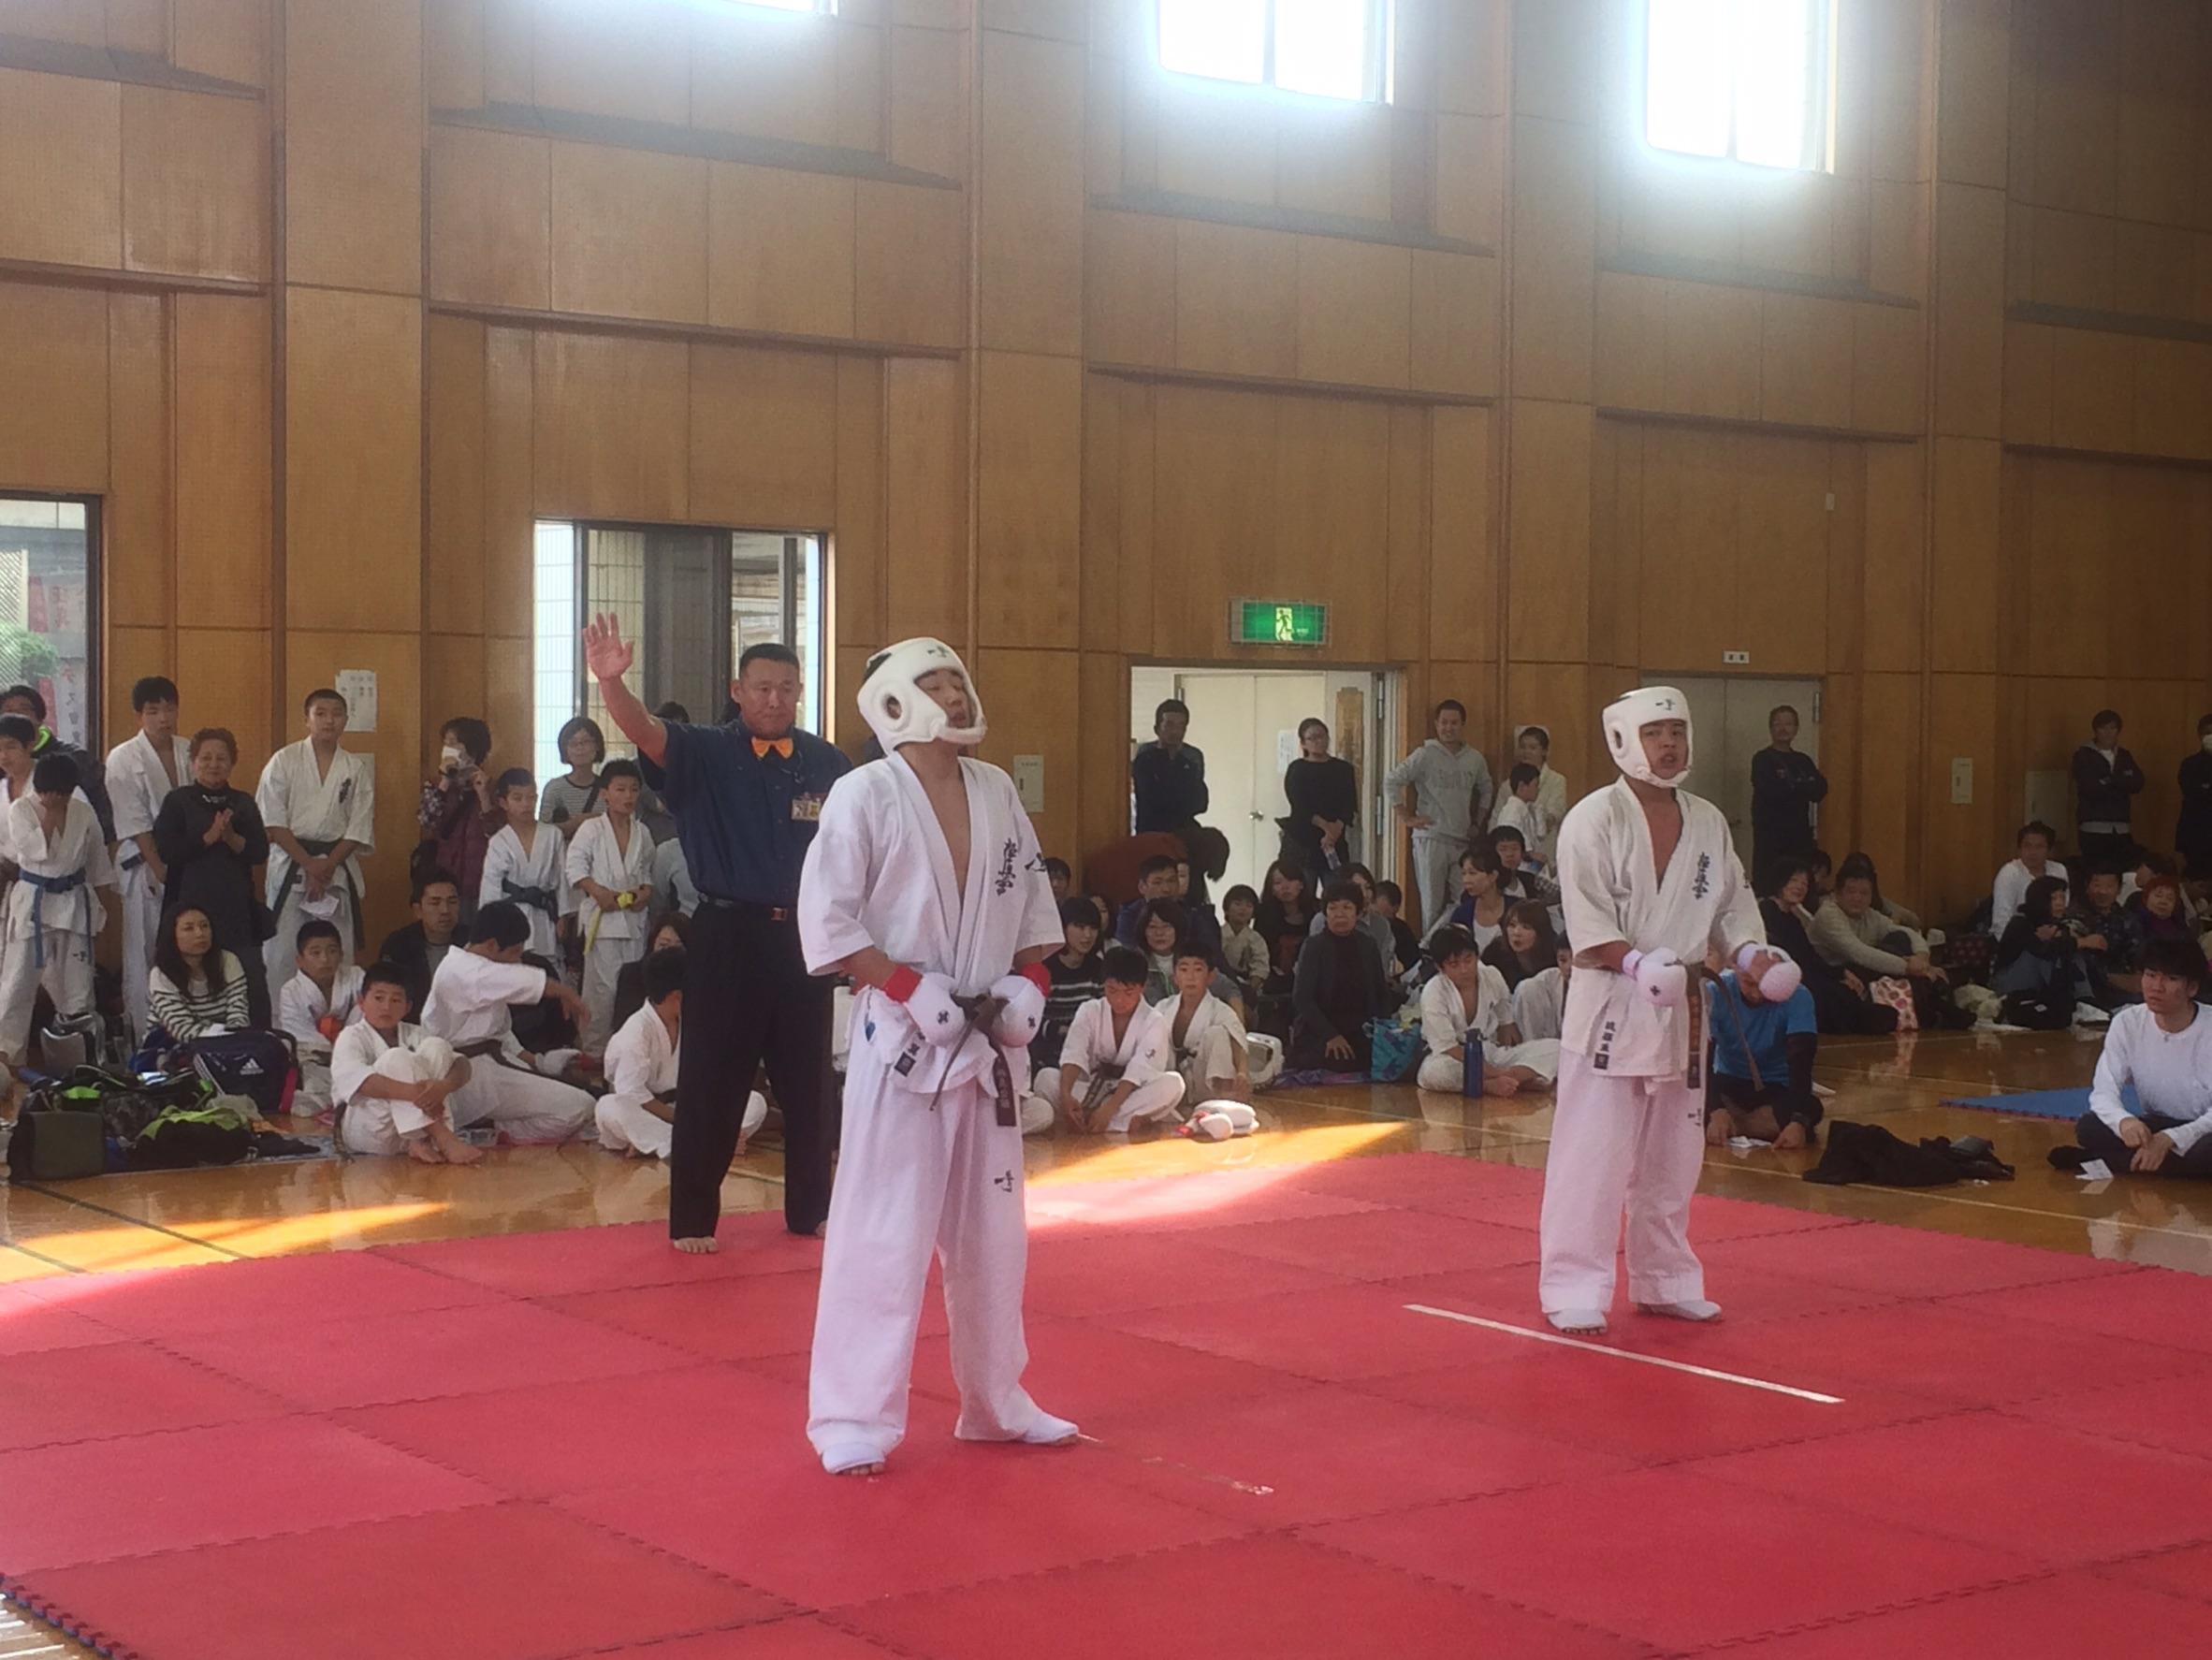 http://www.kyokushin-chibaminami.com/images/1479751605113.jpg